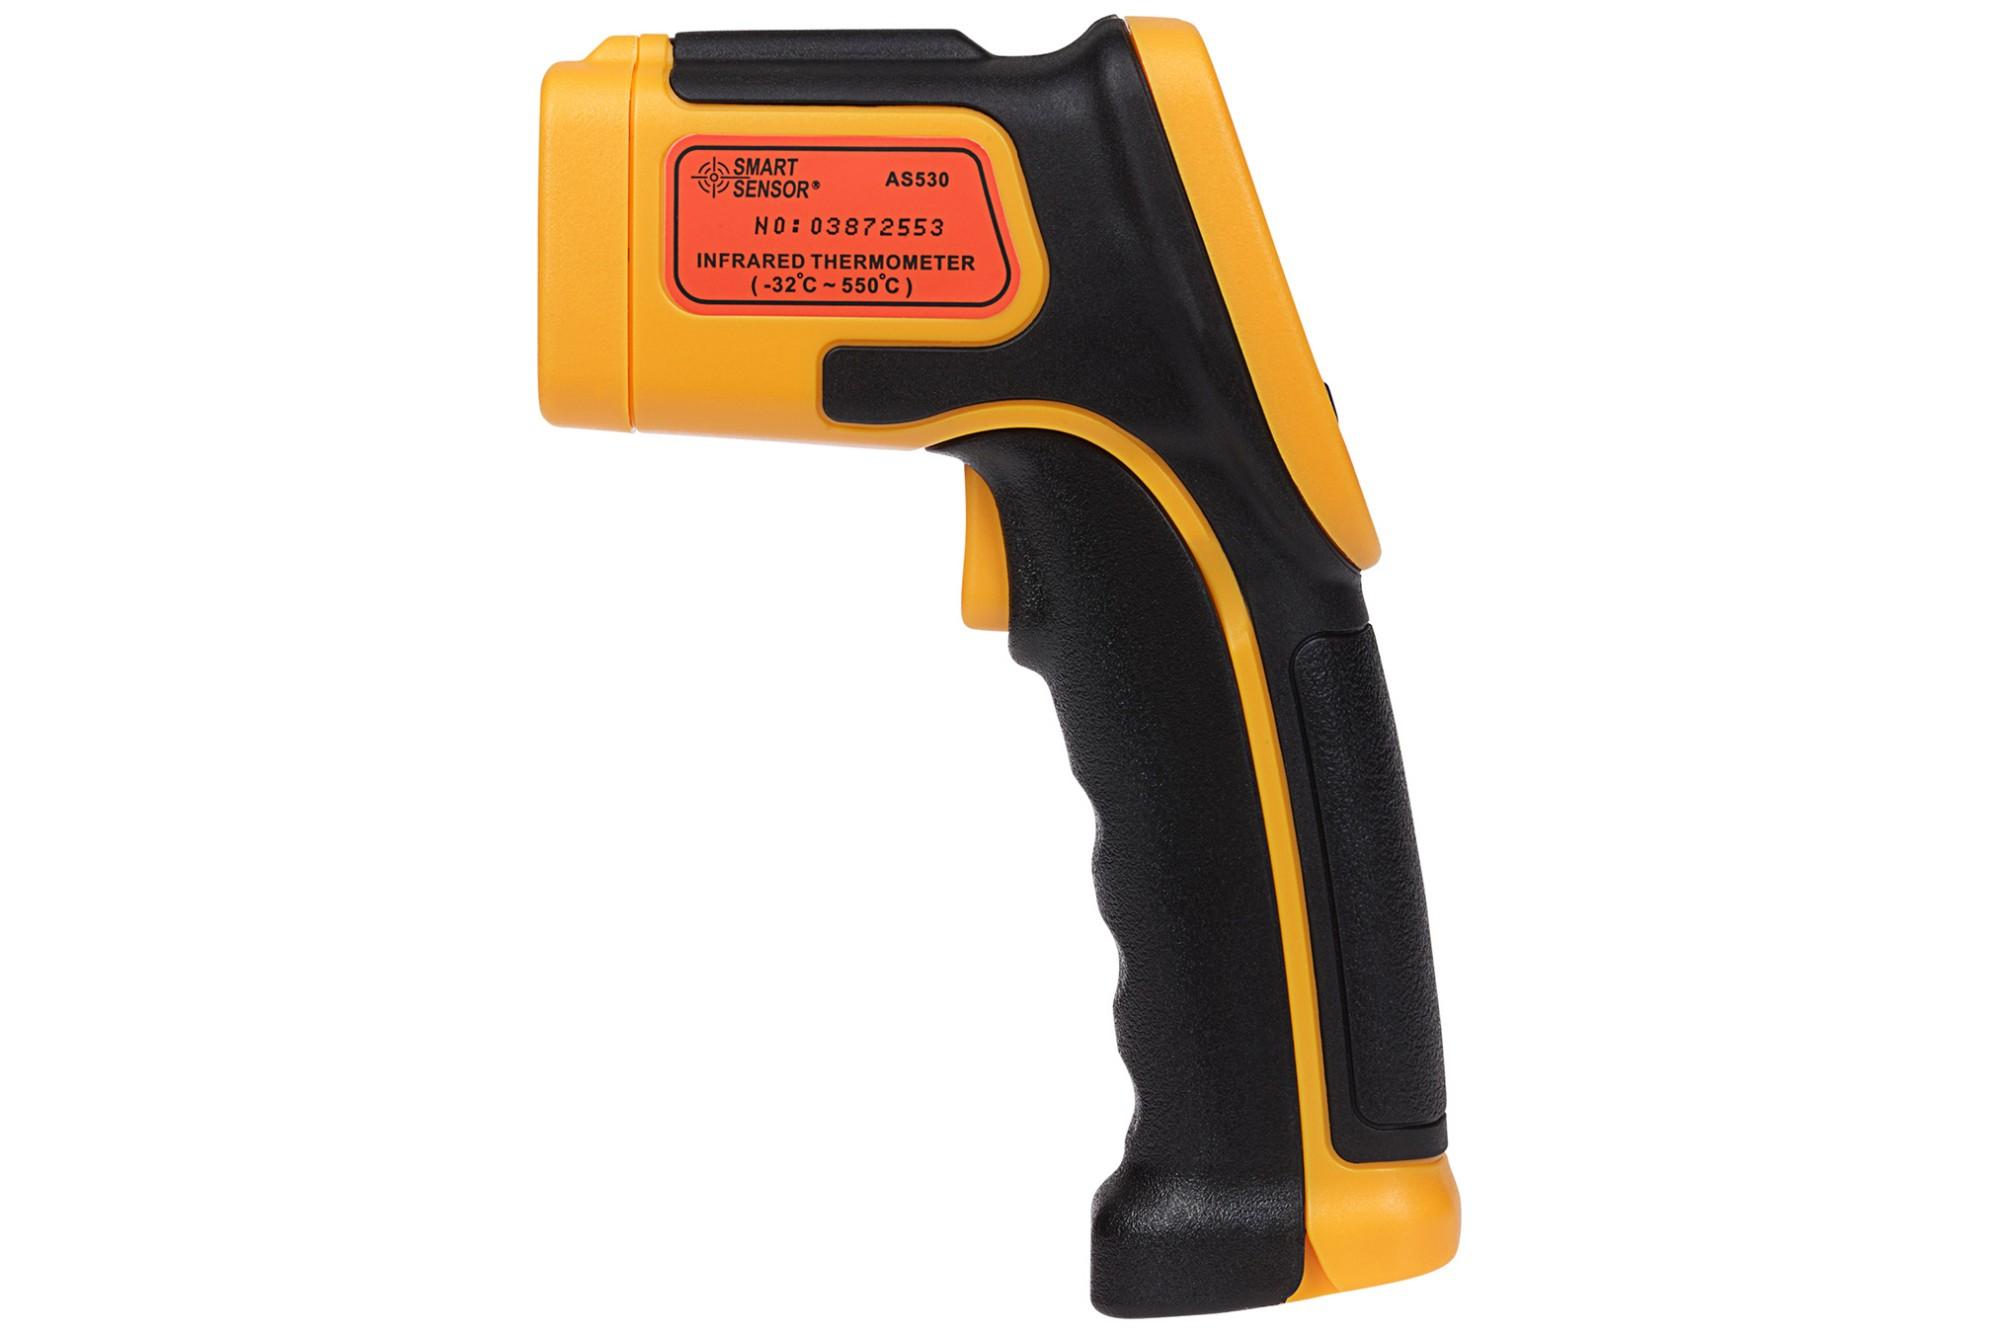 Sentient Sensor Infrared Thermometer -32C-550C